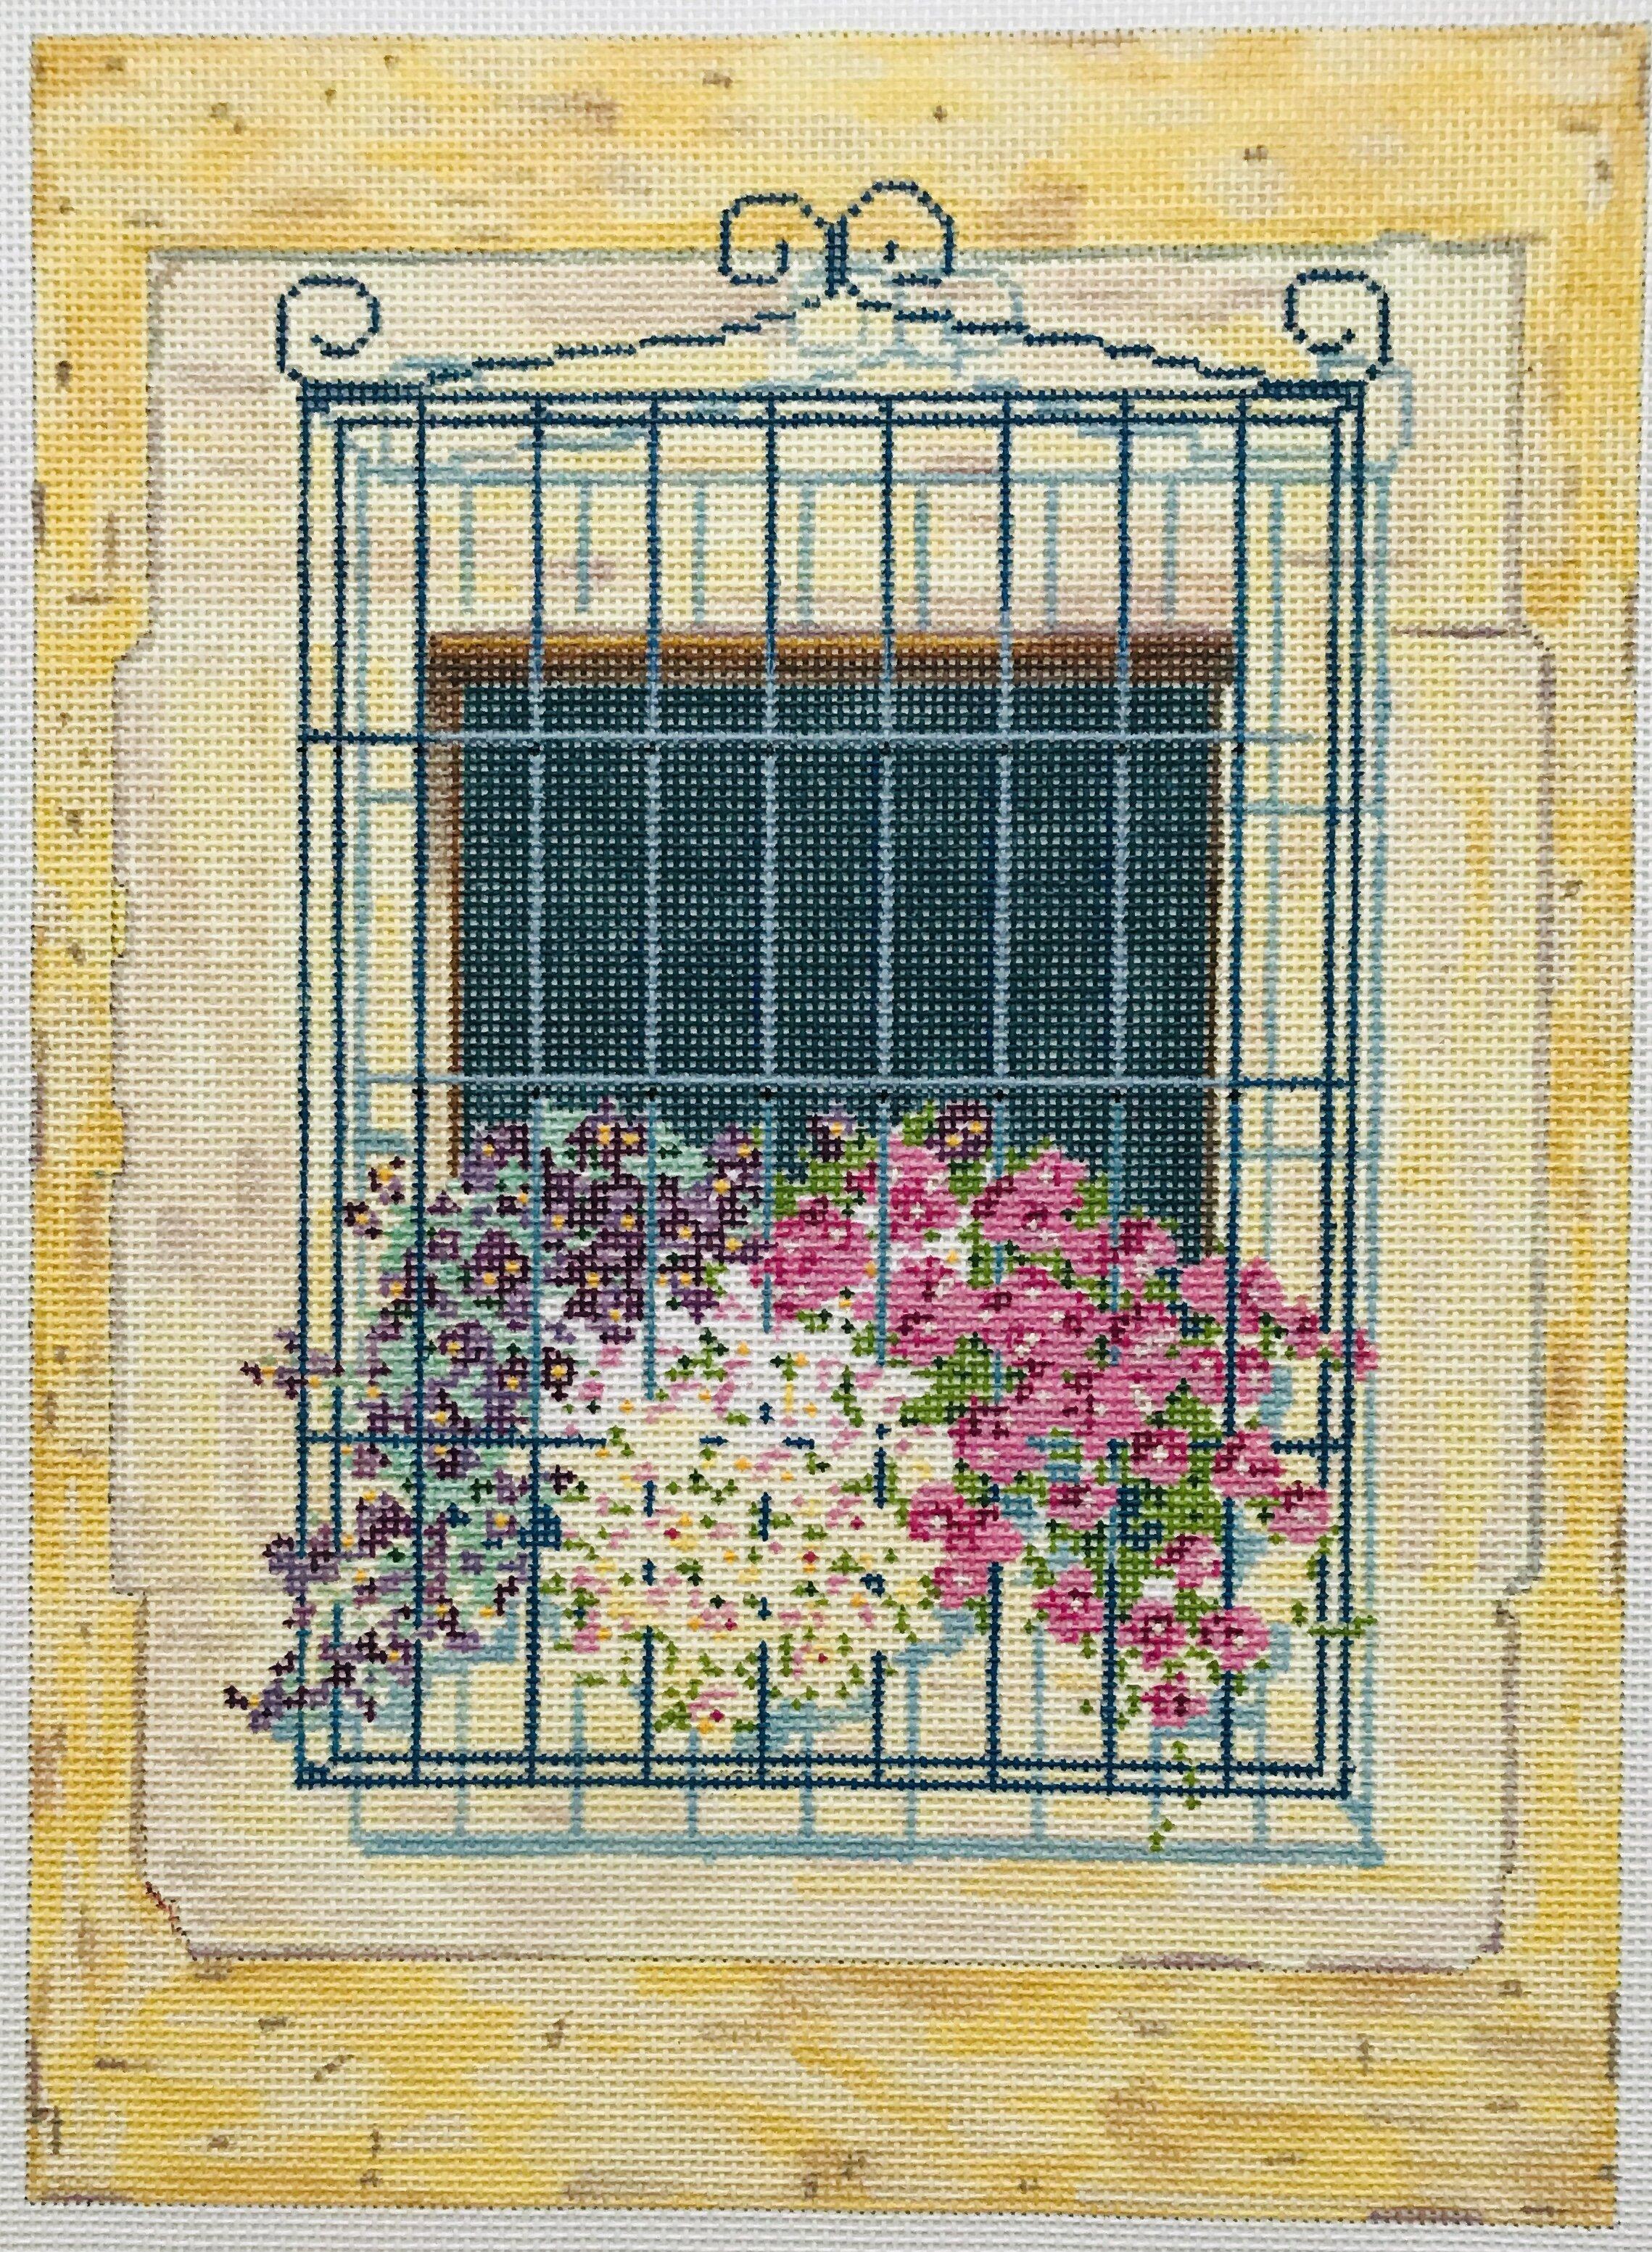 """Ceci's Window AL2   7.75"""" x 10.5"""" on 18 mesh"""